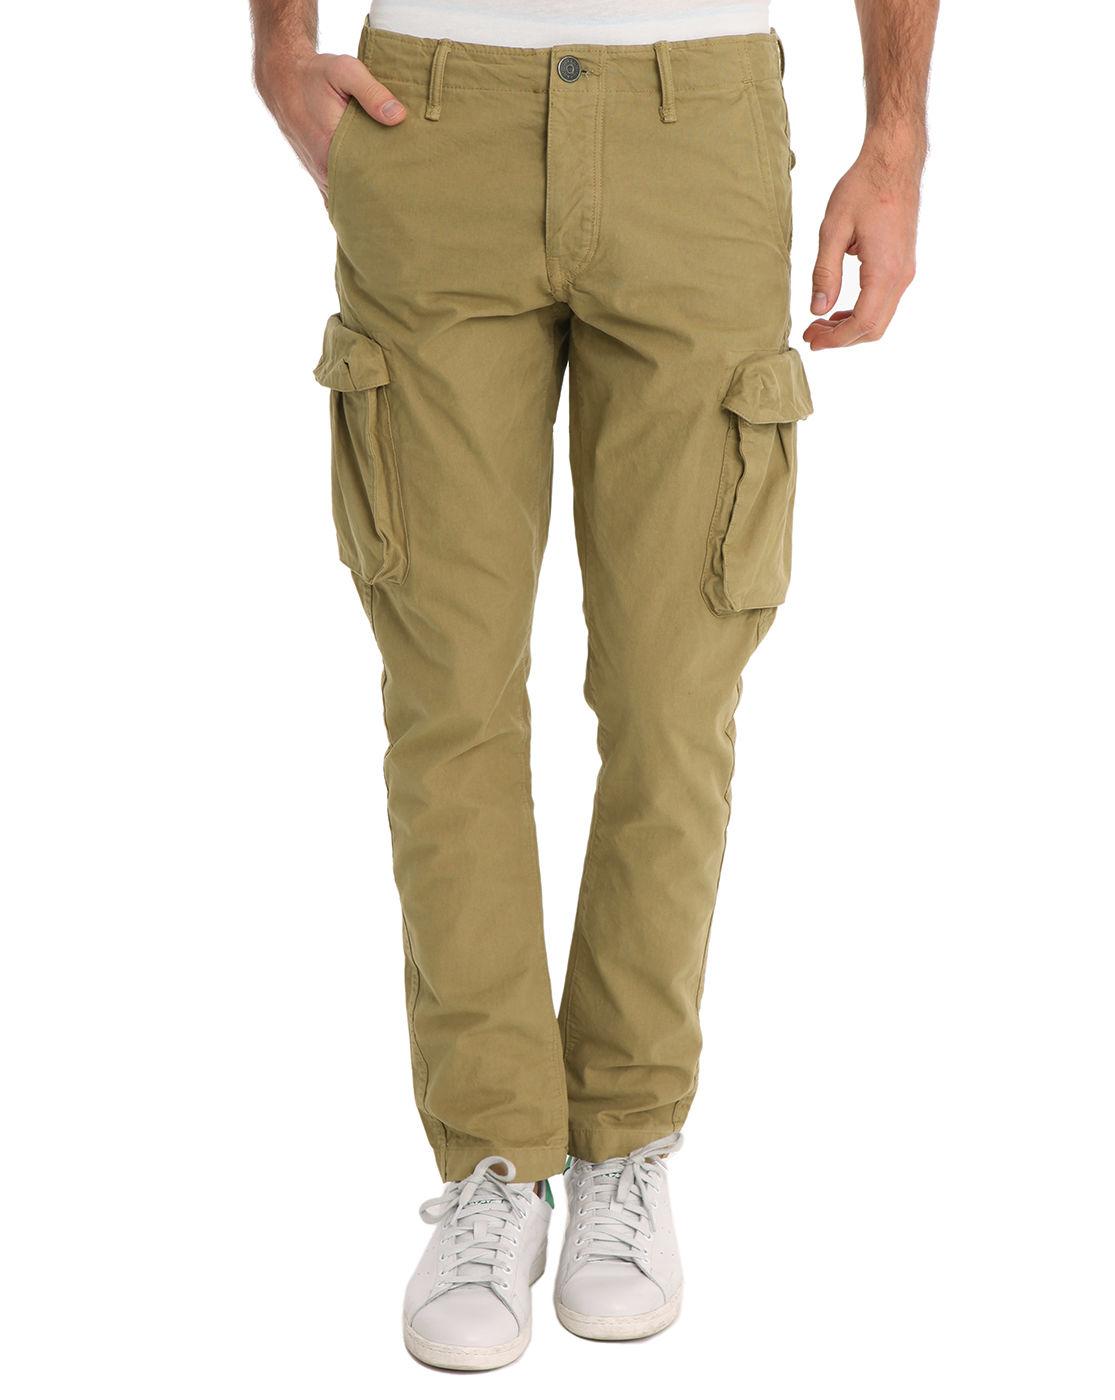 beige cargo pants pi pants. Black Bedroom Furniture Sets. Home Design Ideas